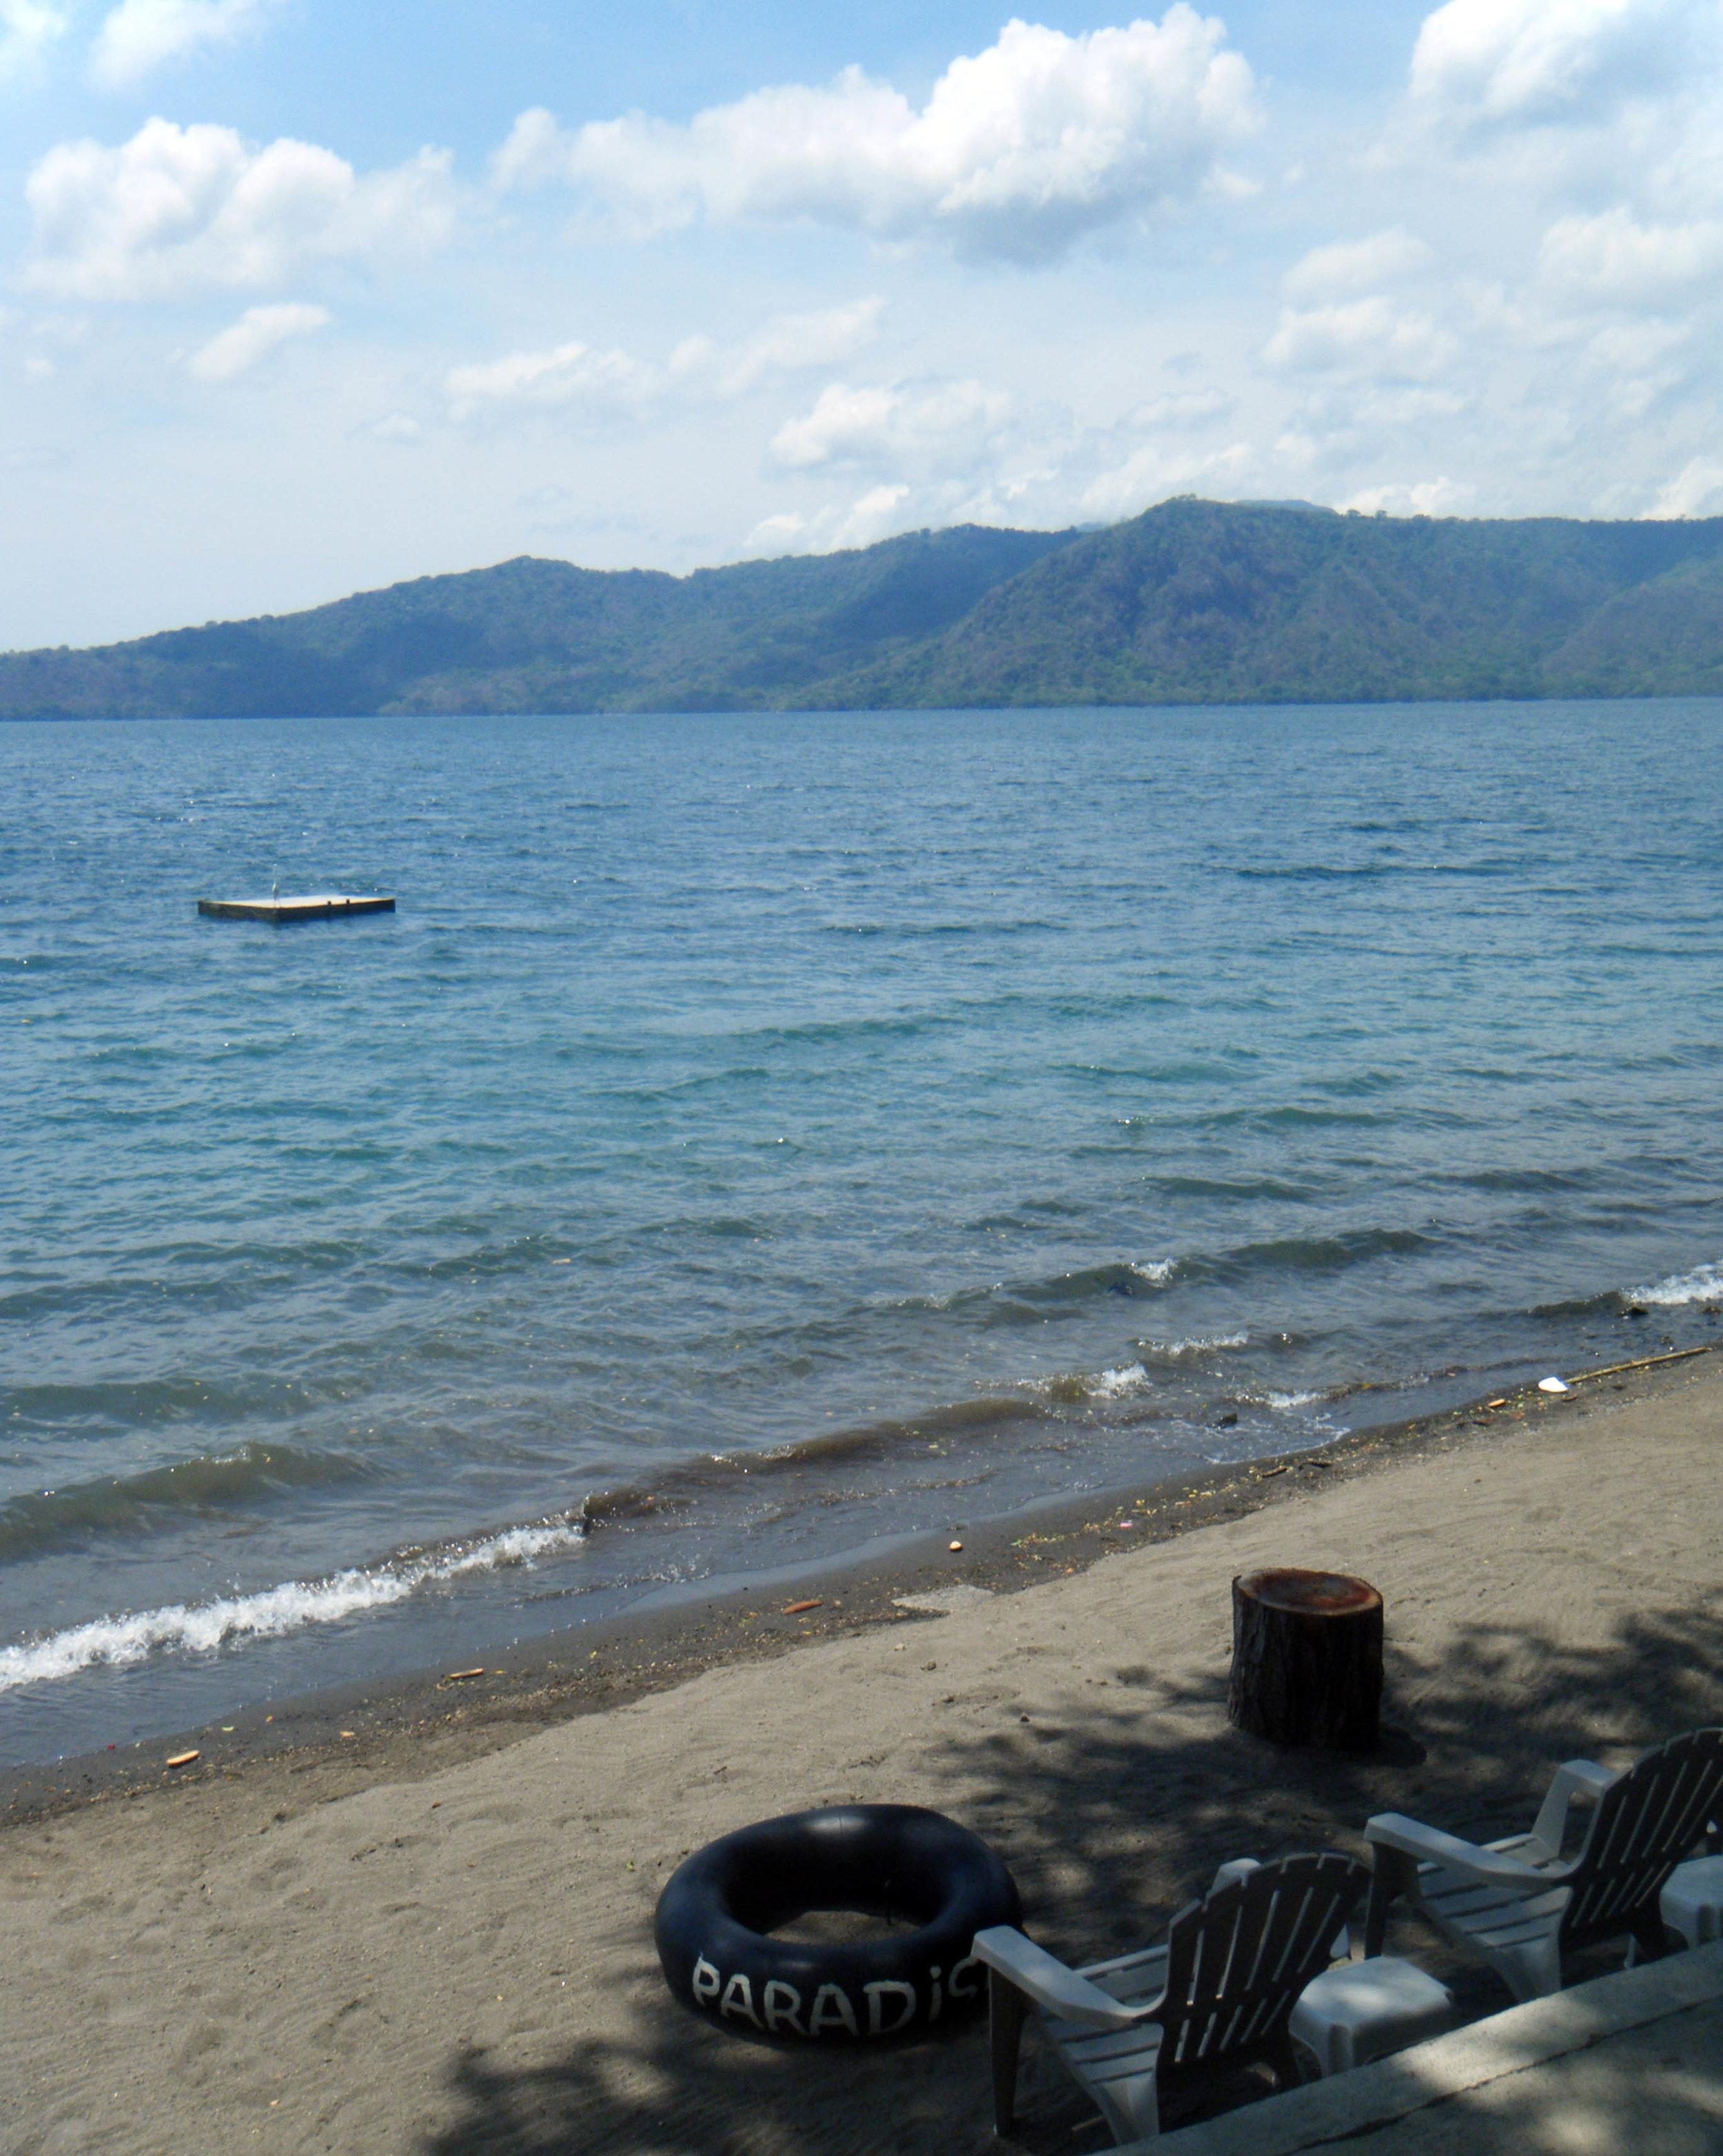 Apoyo Lake 5-11-12.jpg